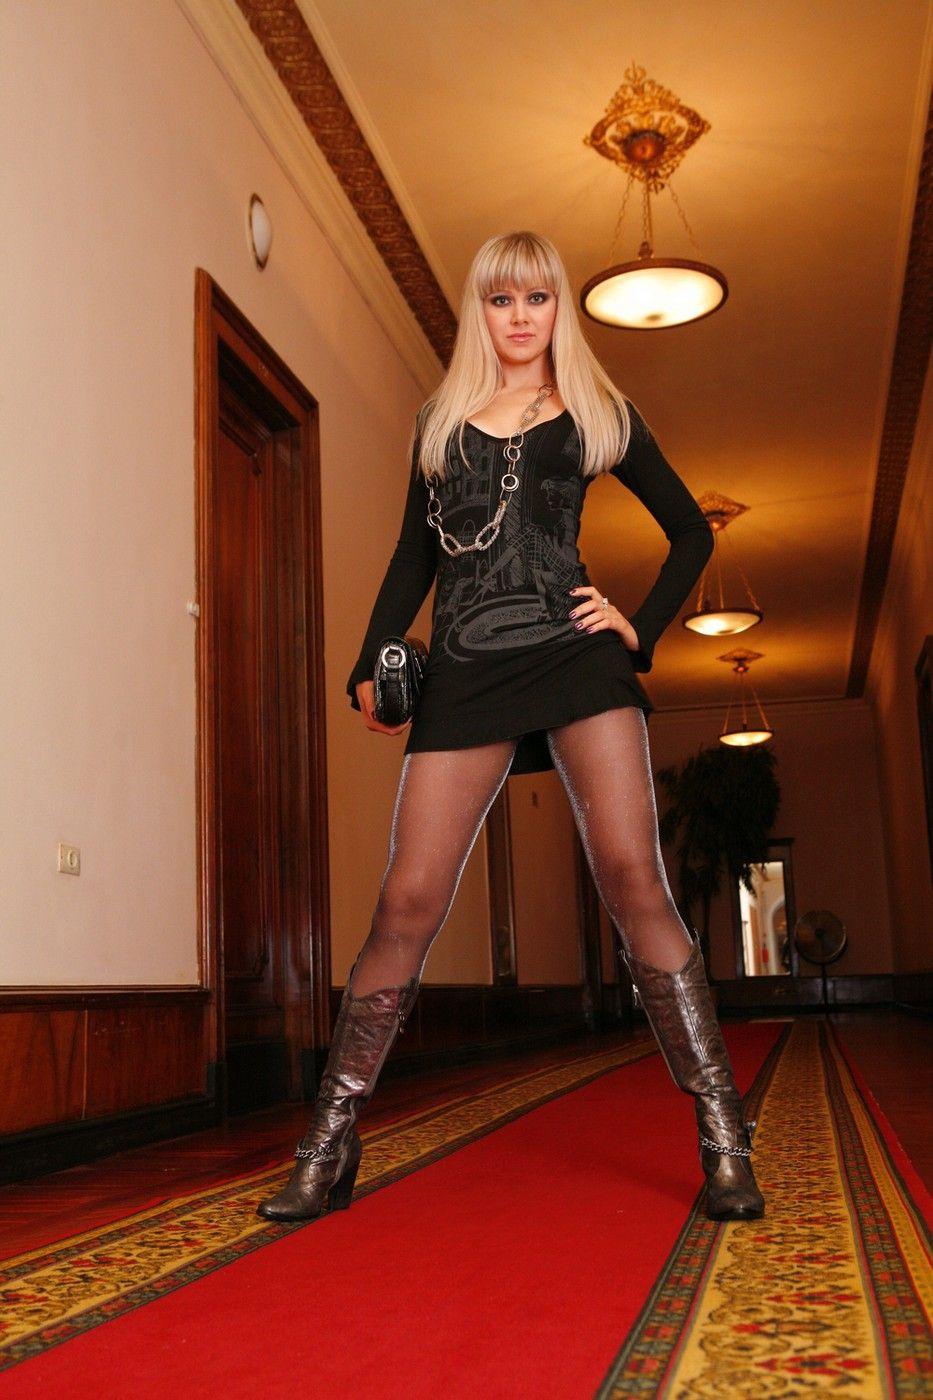 Ступни русских певиц фото 17 фотография